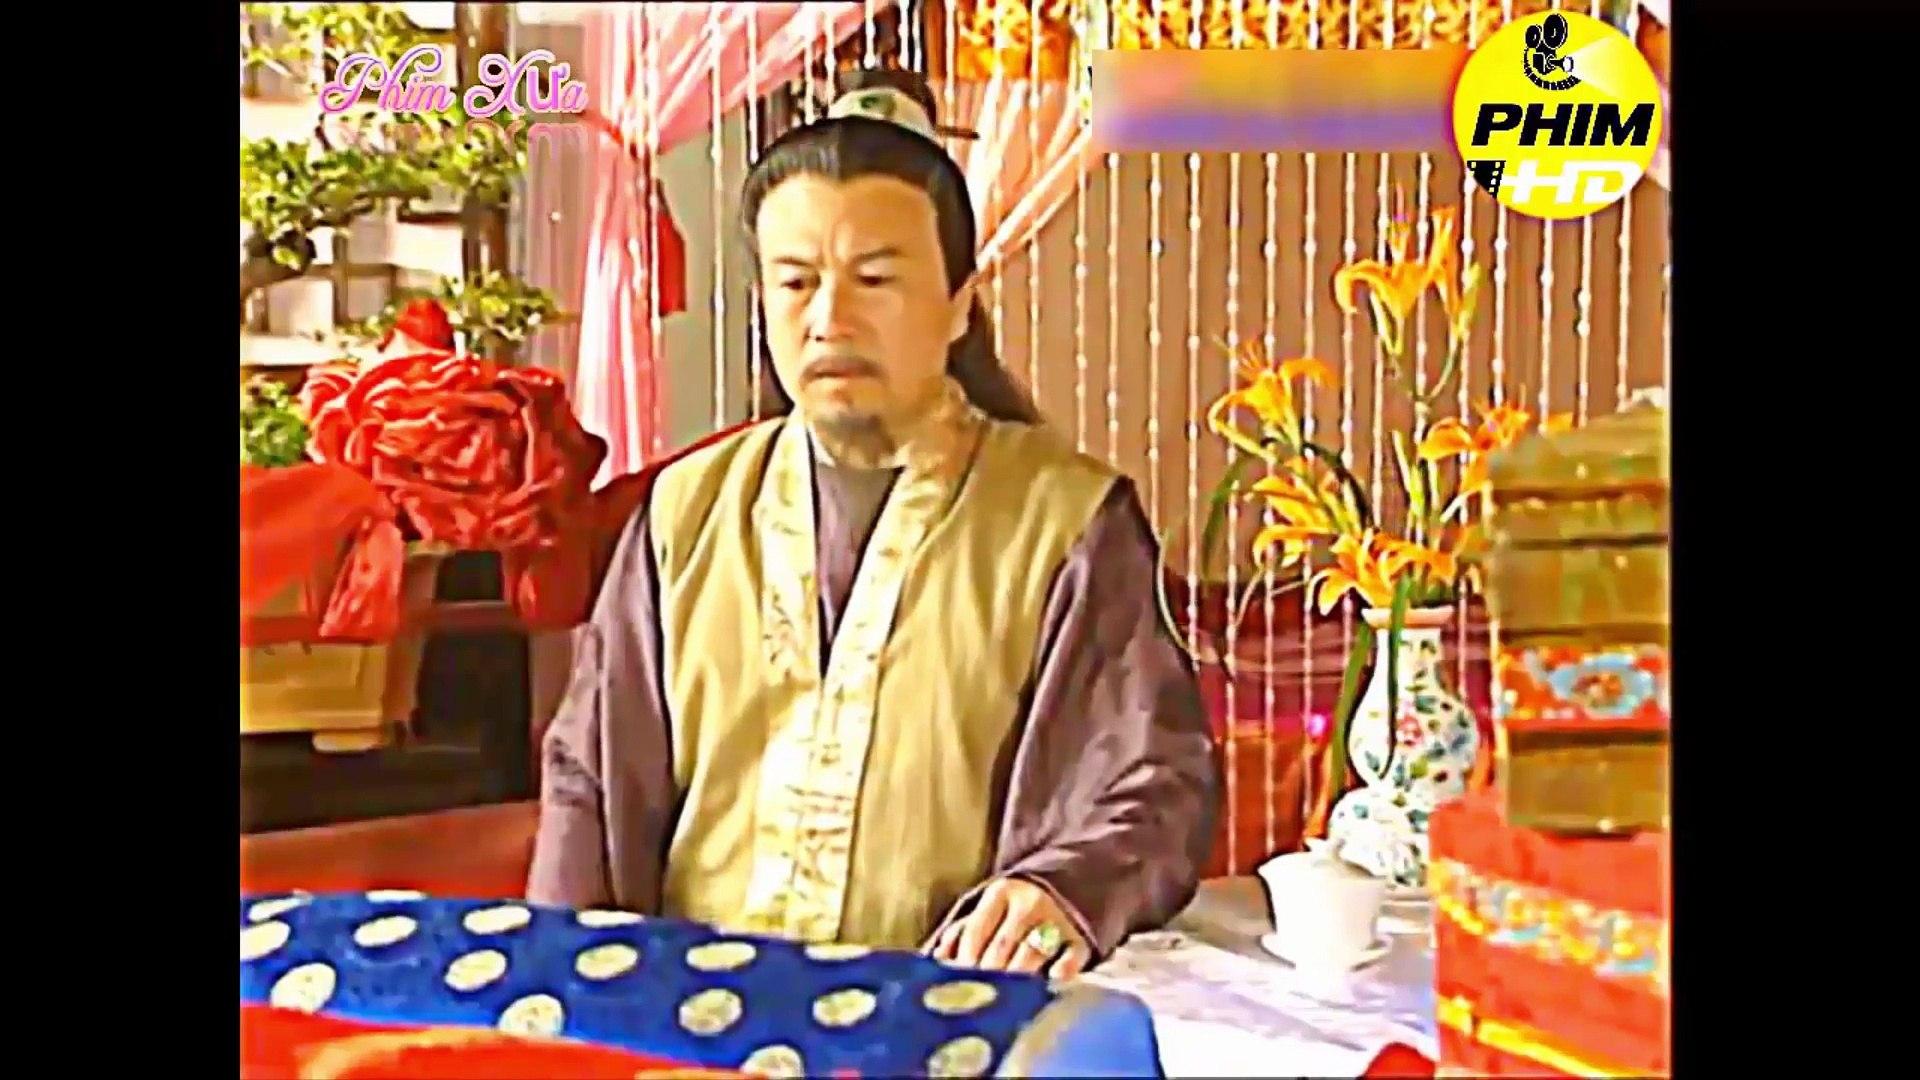 Lên Nhầm Kiệu Hoa Được Chồng Như Ý Tập 1 - Phim Võ Thuật Cổ Trang Kiếm Hiệp Xưa Lồng Tiếng